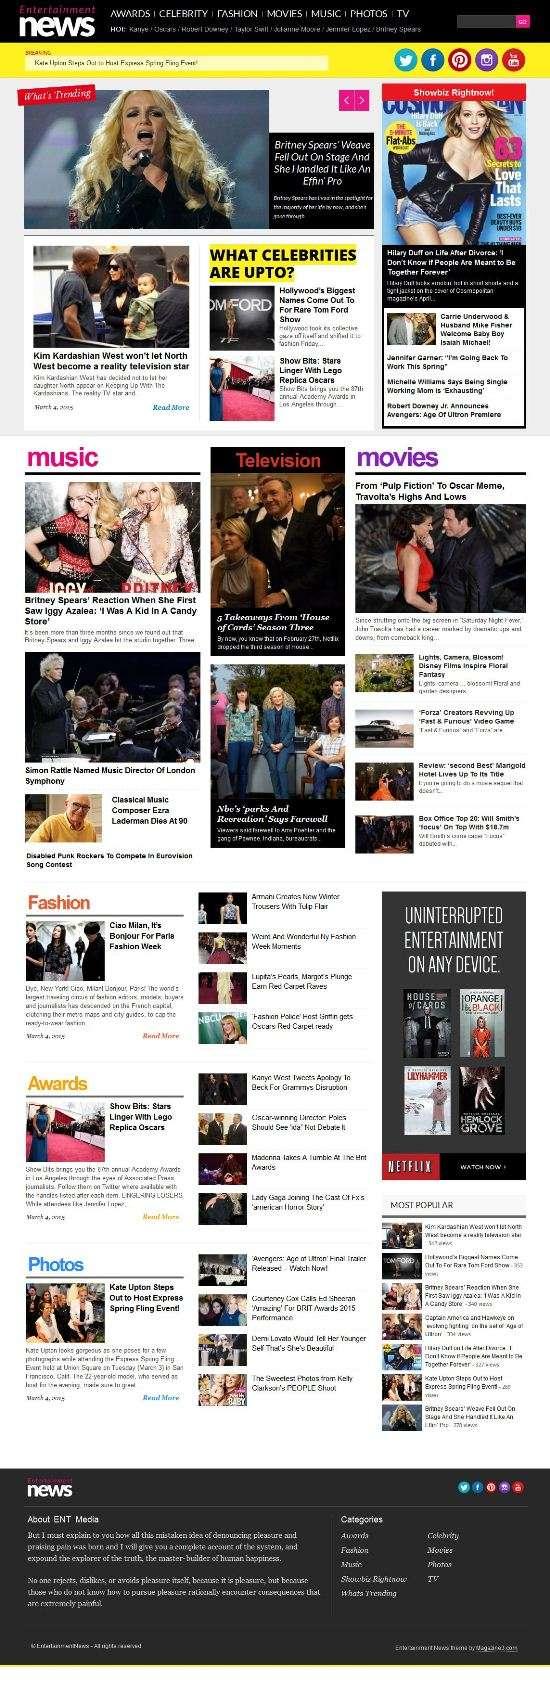 entertainment news magazine3 wordpress theme 01 - Entertainment News WordPress Theme